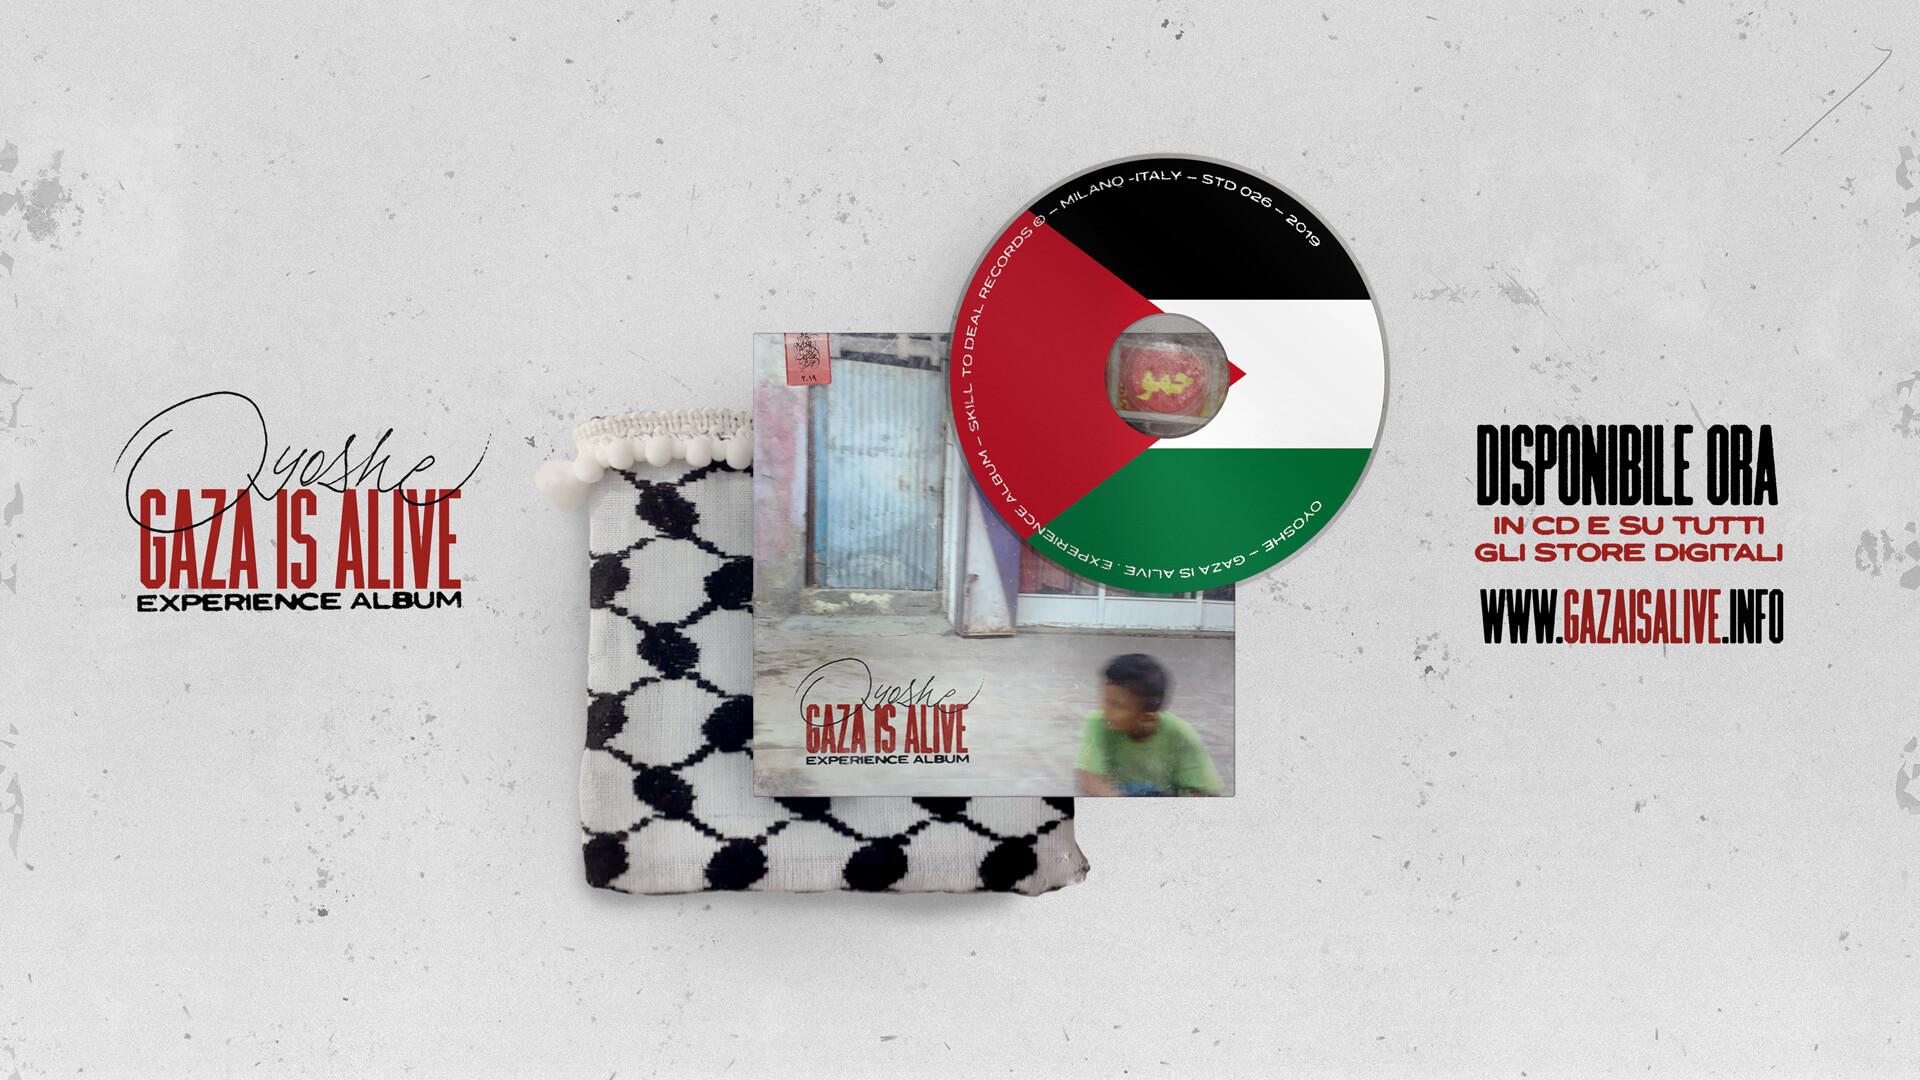 Gaza is alive - Experience Album - Copertina e banner uscita disco